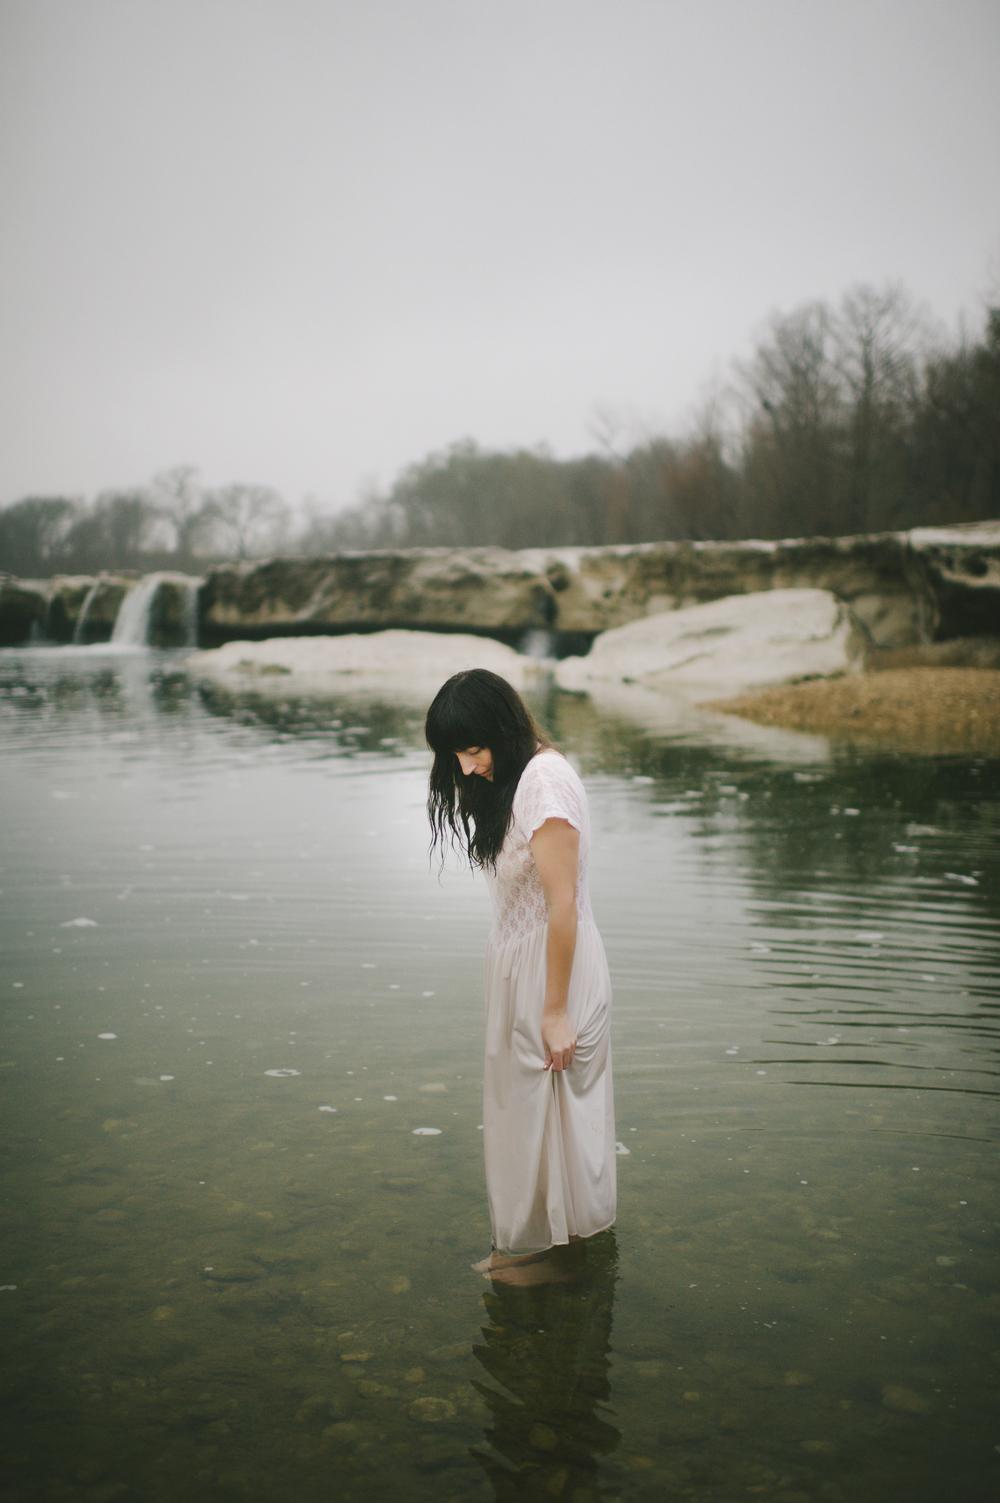 river-story-joy-gardella168.JPG